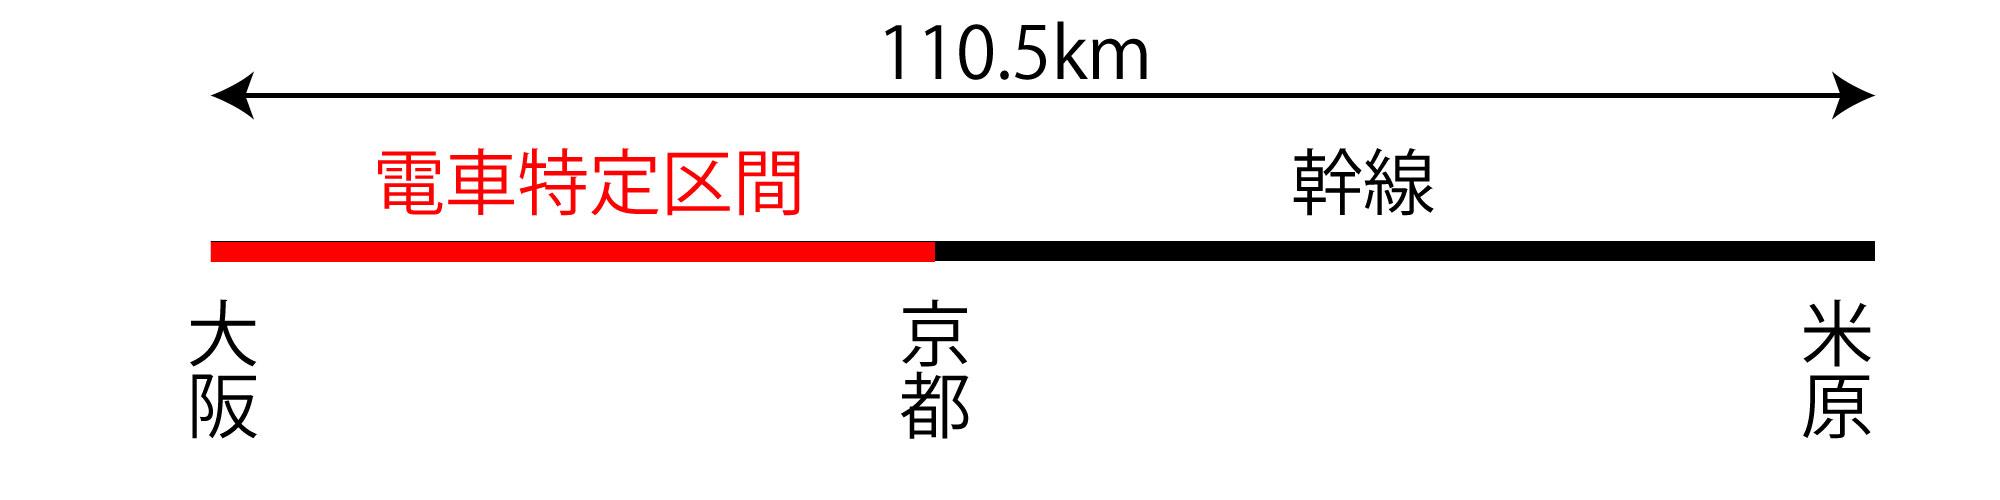 大阪と米原の関係